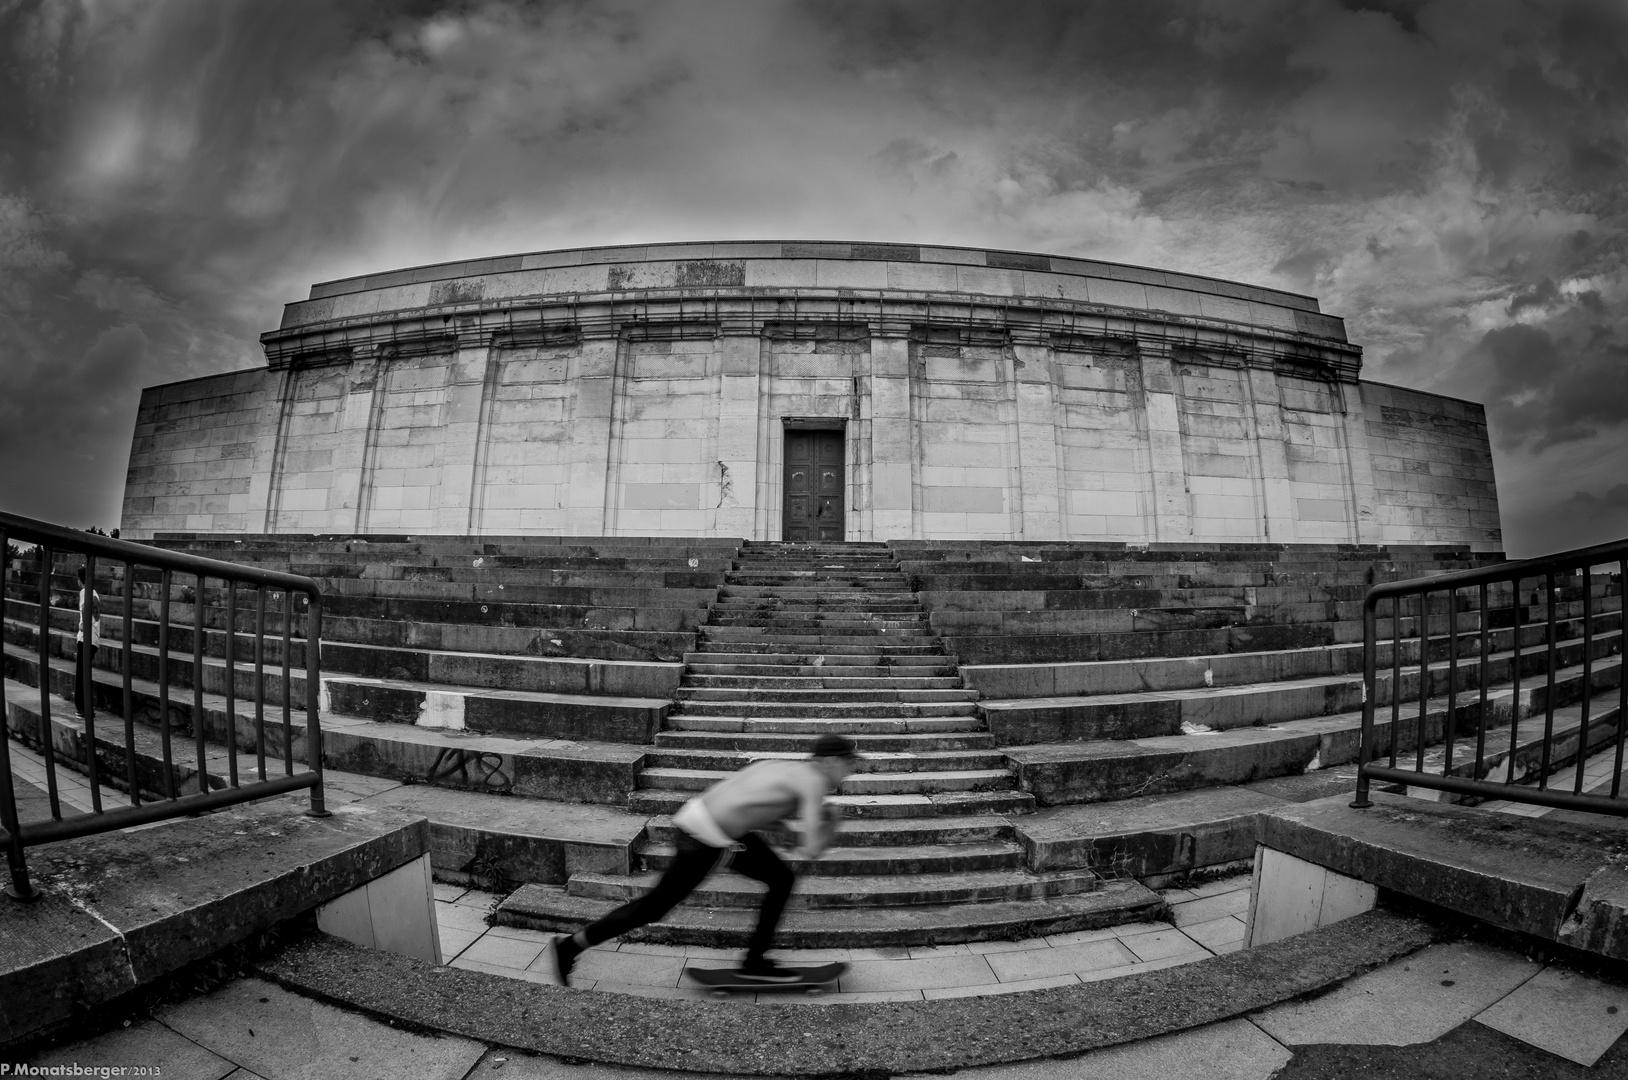 Skater @ Steintribüne in b&w